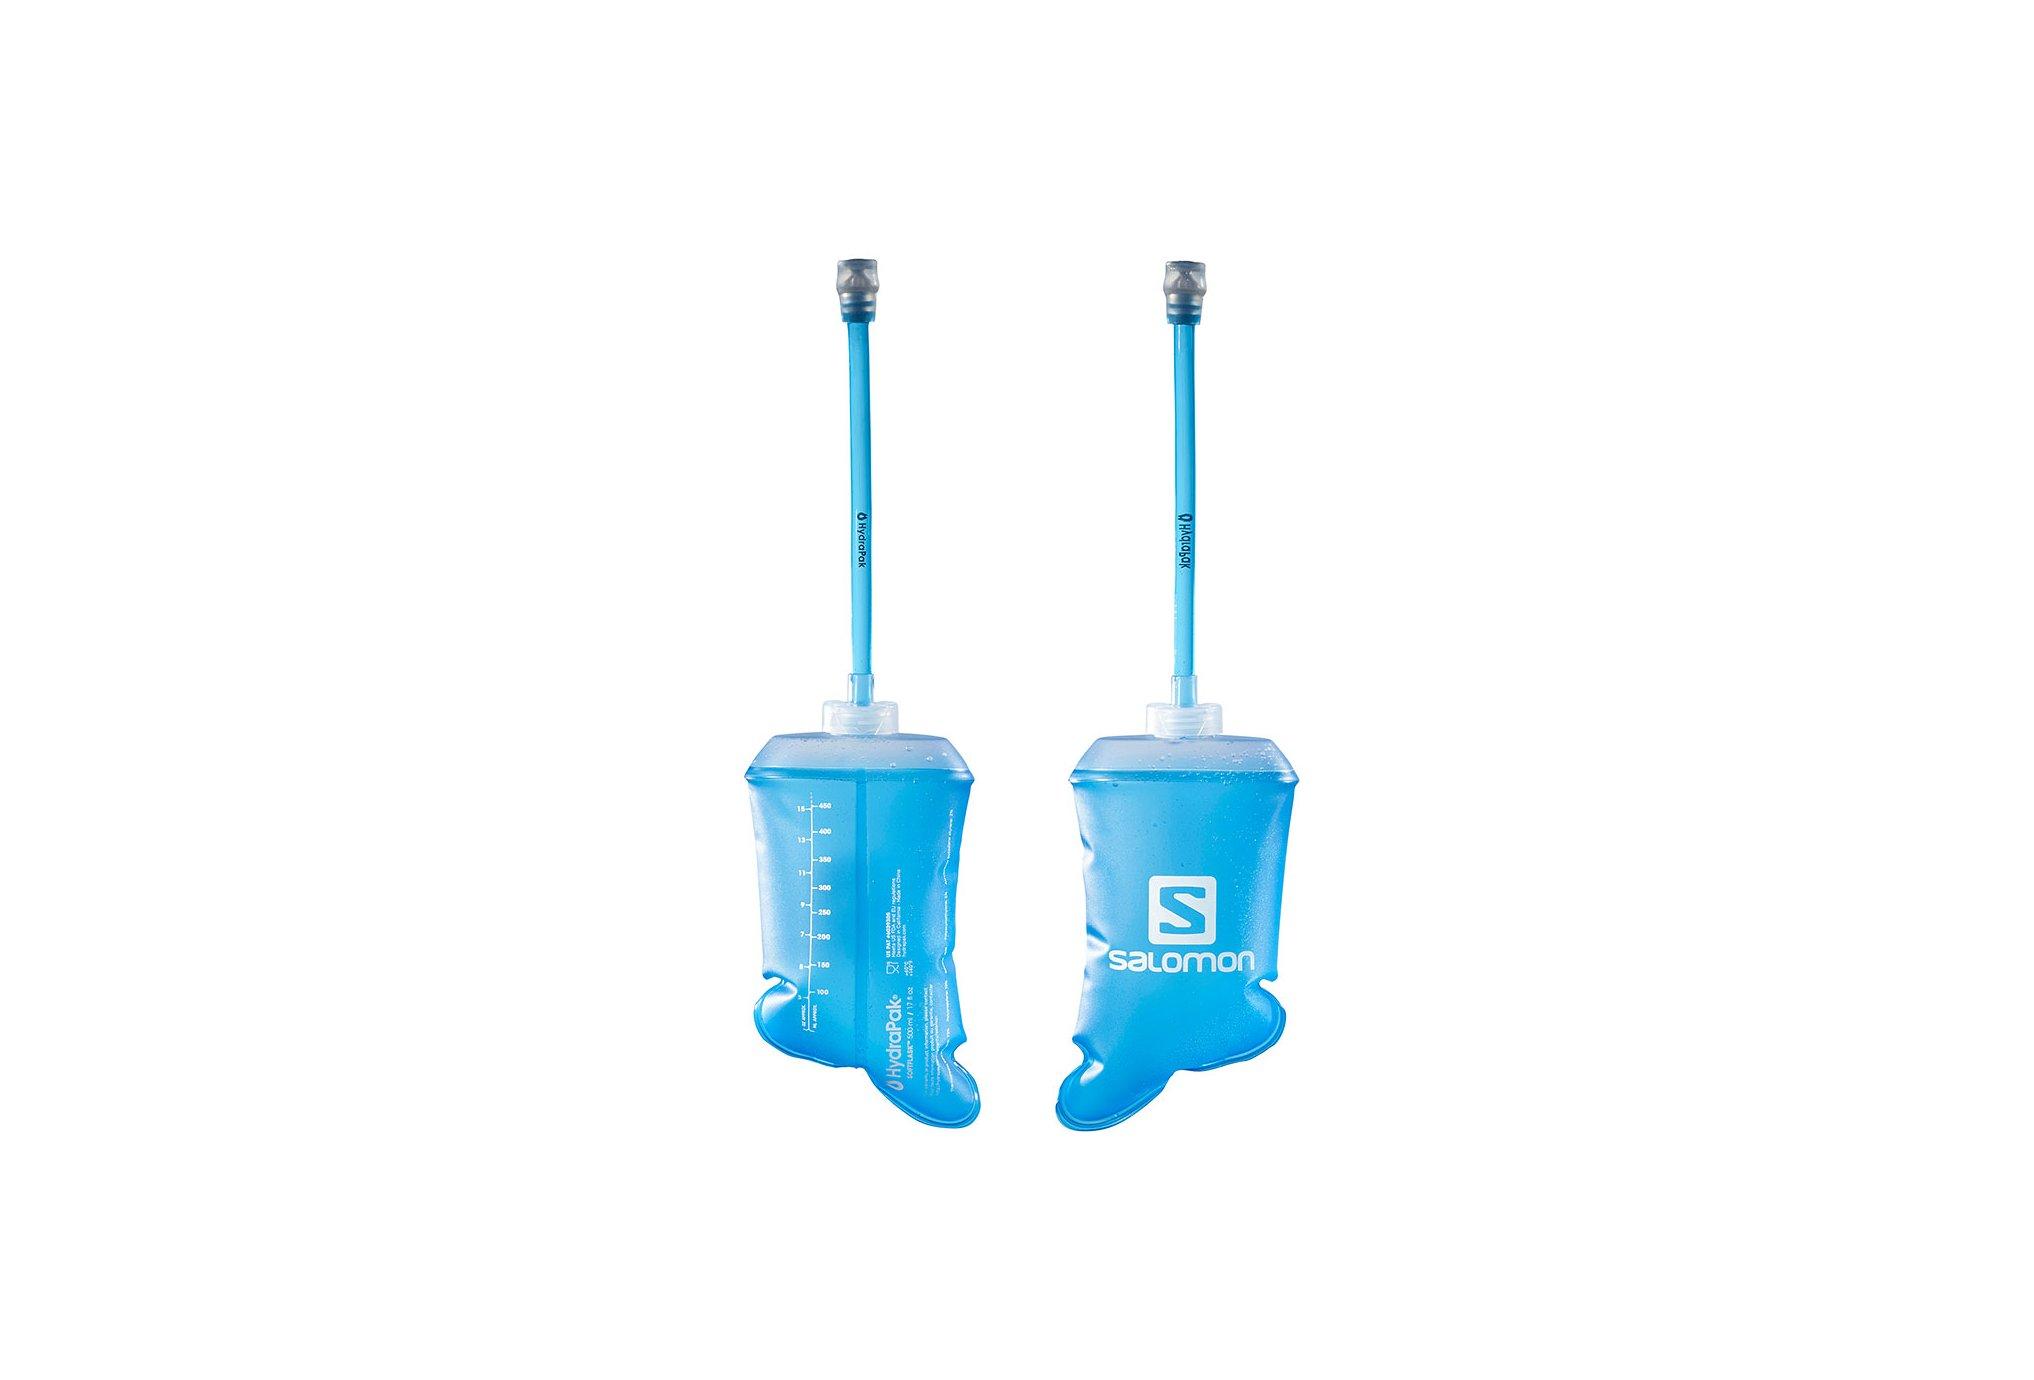 Salomon Soft Flask 500mL / 17 oz Sac hydratation / Gourde